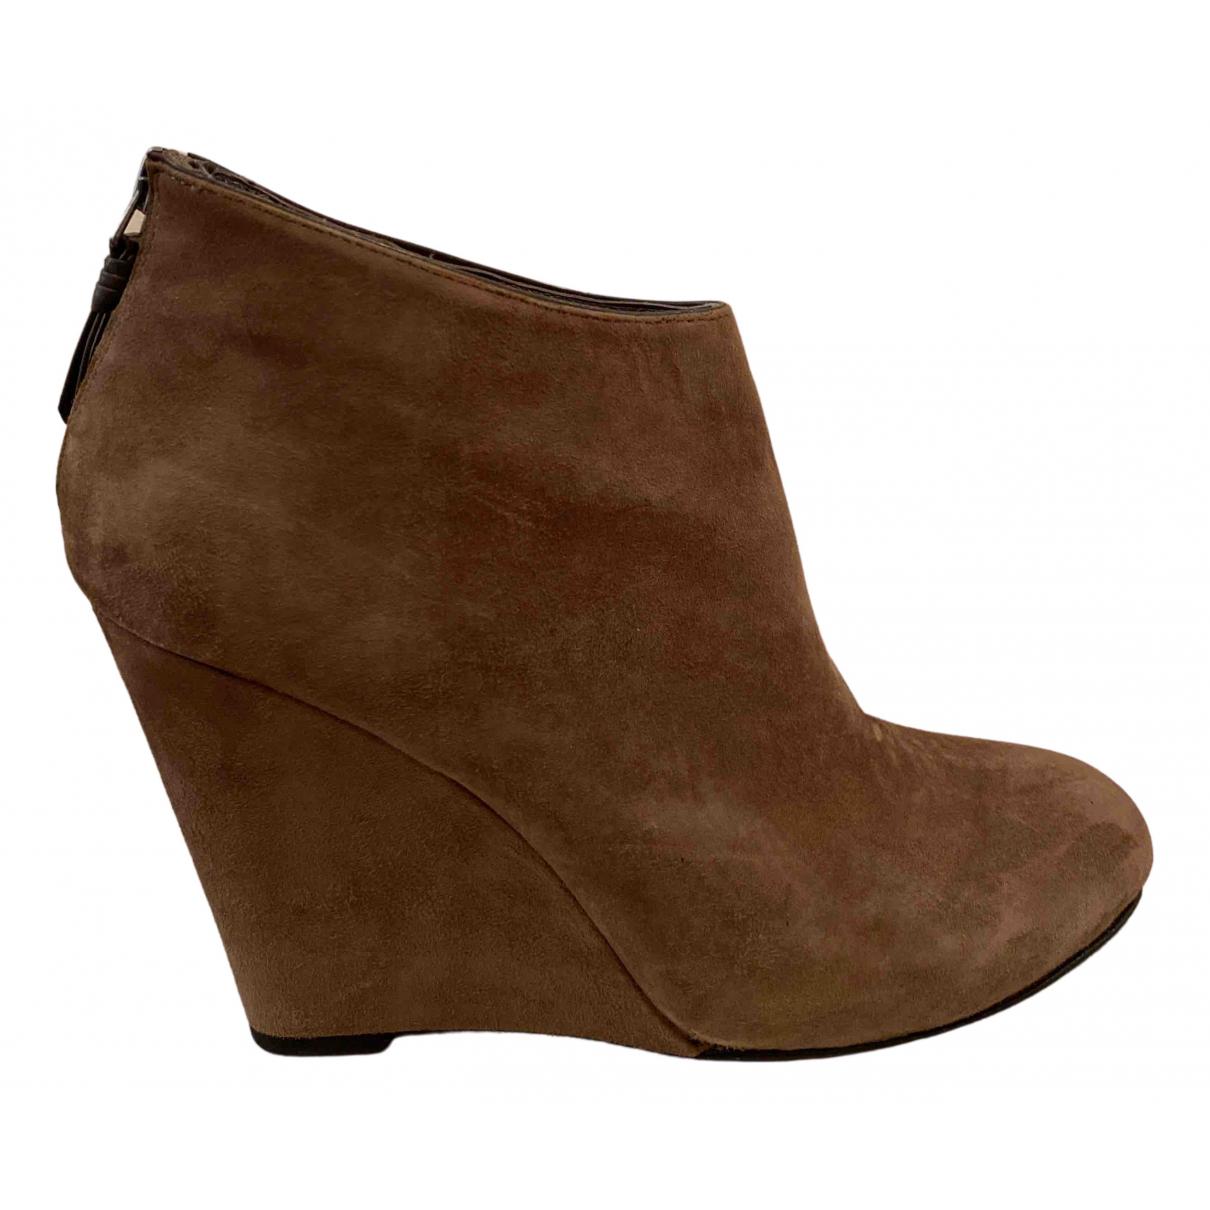 Dkny - Boots   pour femme en suede - camel